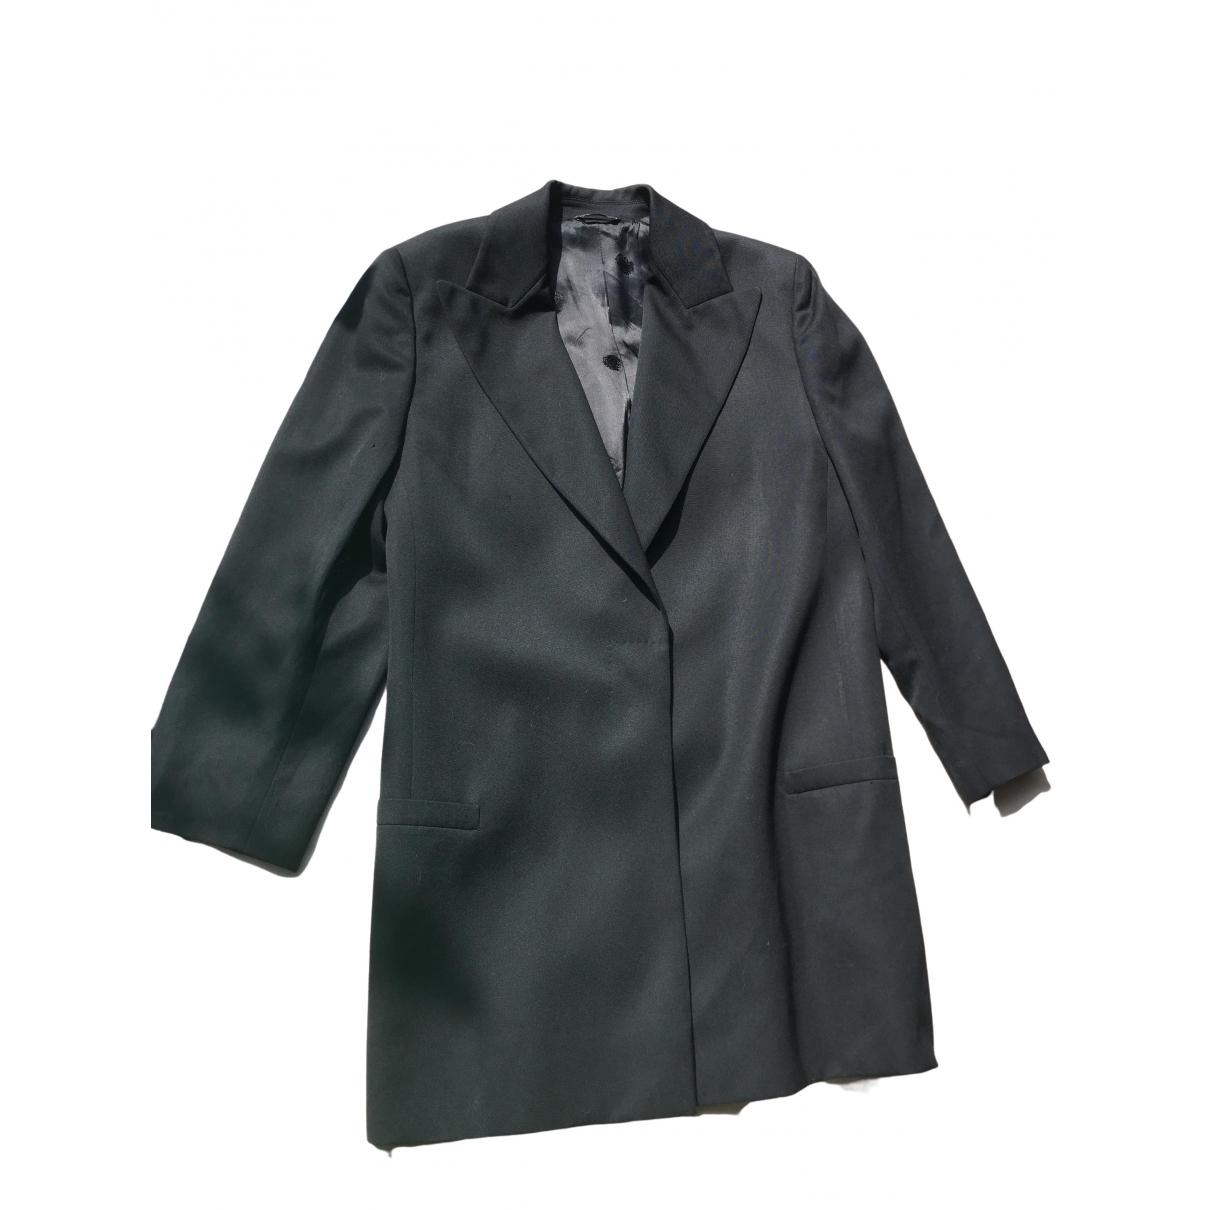 Gianni Versace - Veste   pour femme en laine - noir